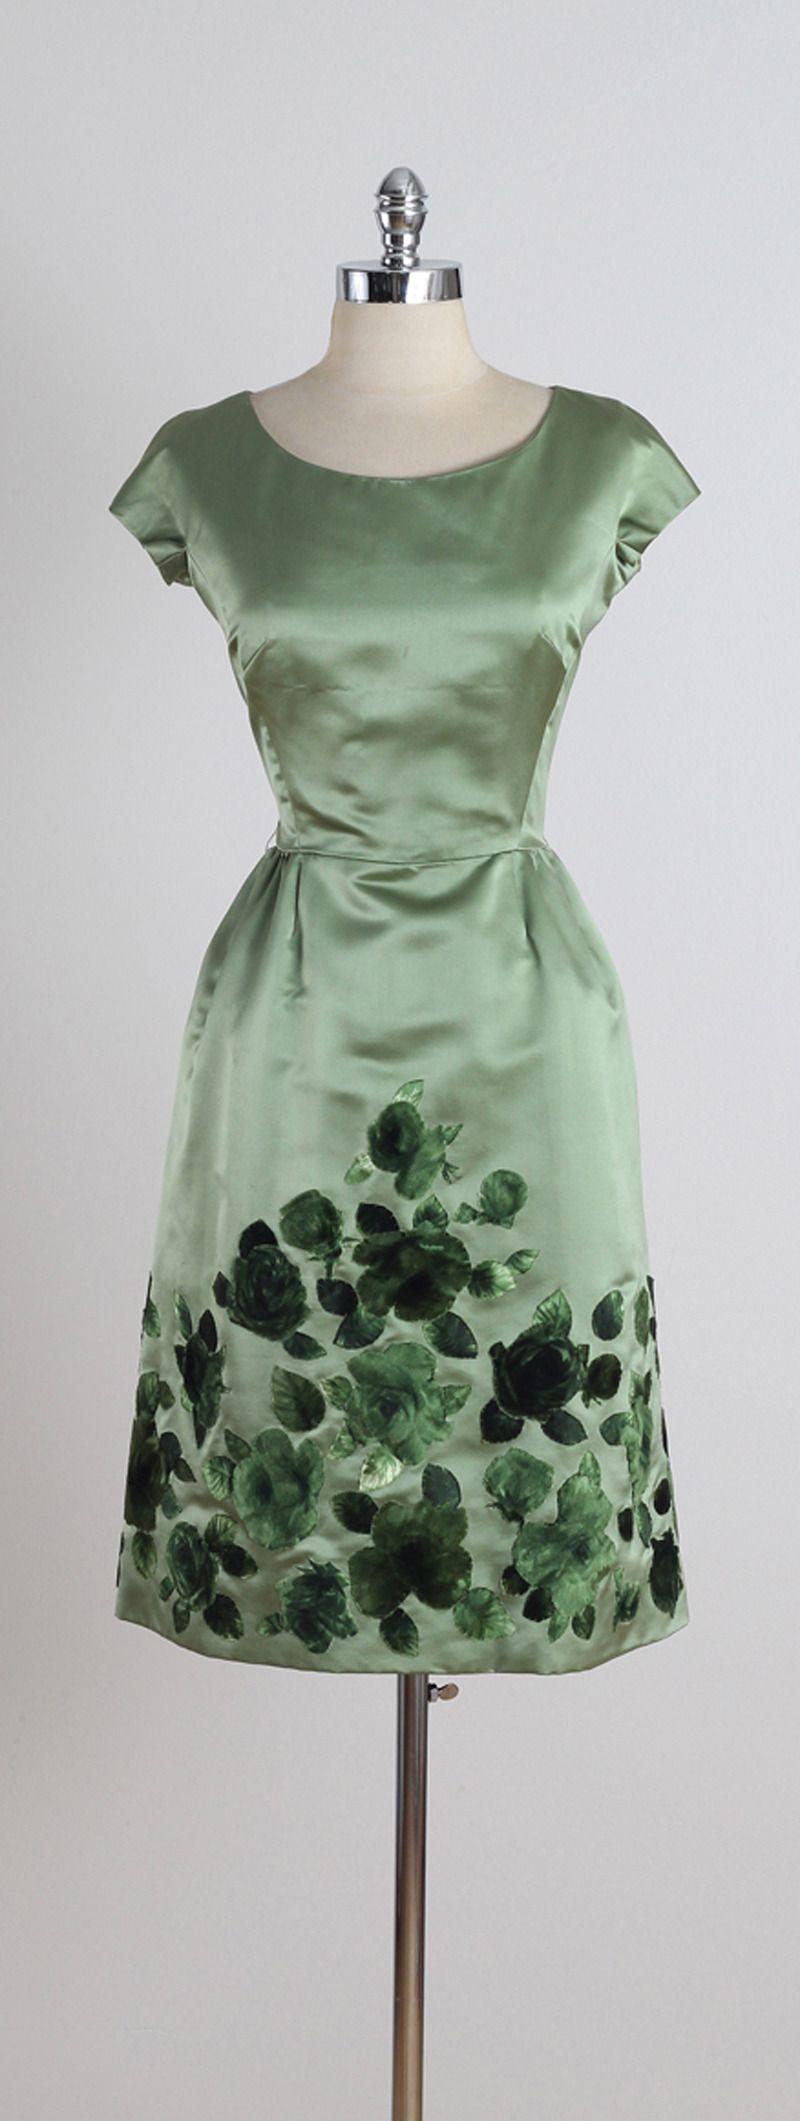 Vintage 1960s Green Floral Silk Velvet Party Dress 1stdibs Com Vintage Clothes Women Vintage Outfits Designer Evening Dresses [ 2121 x 800 Pixel ]